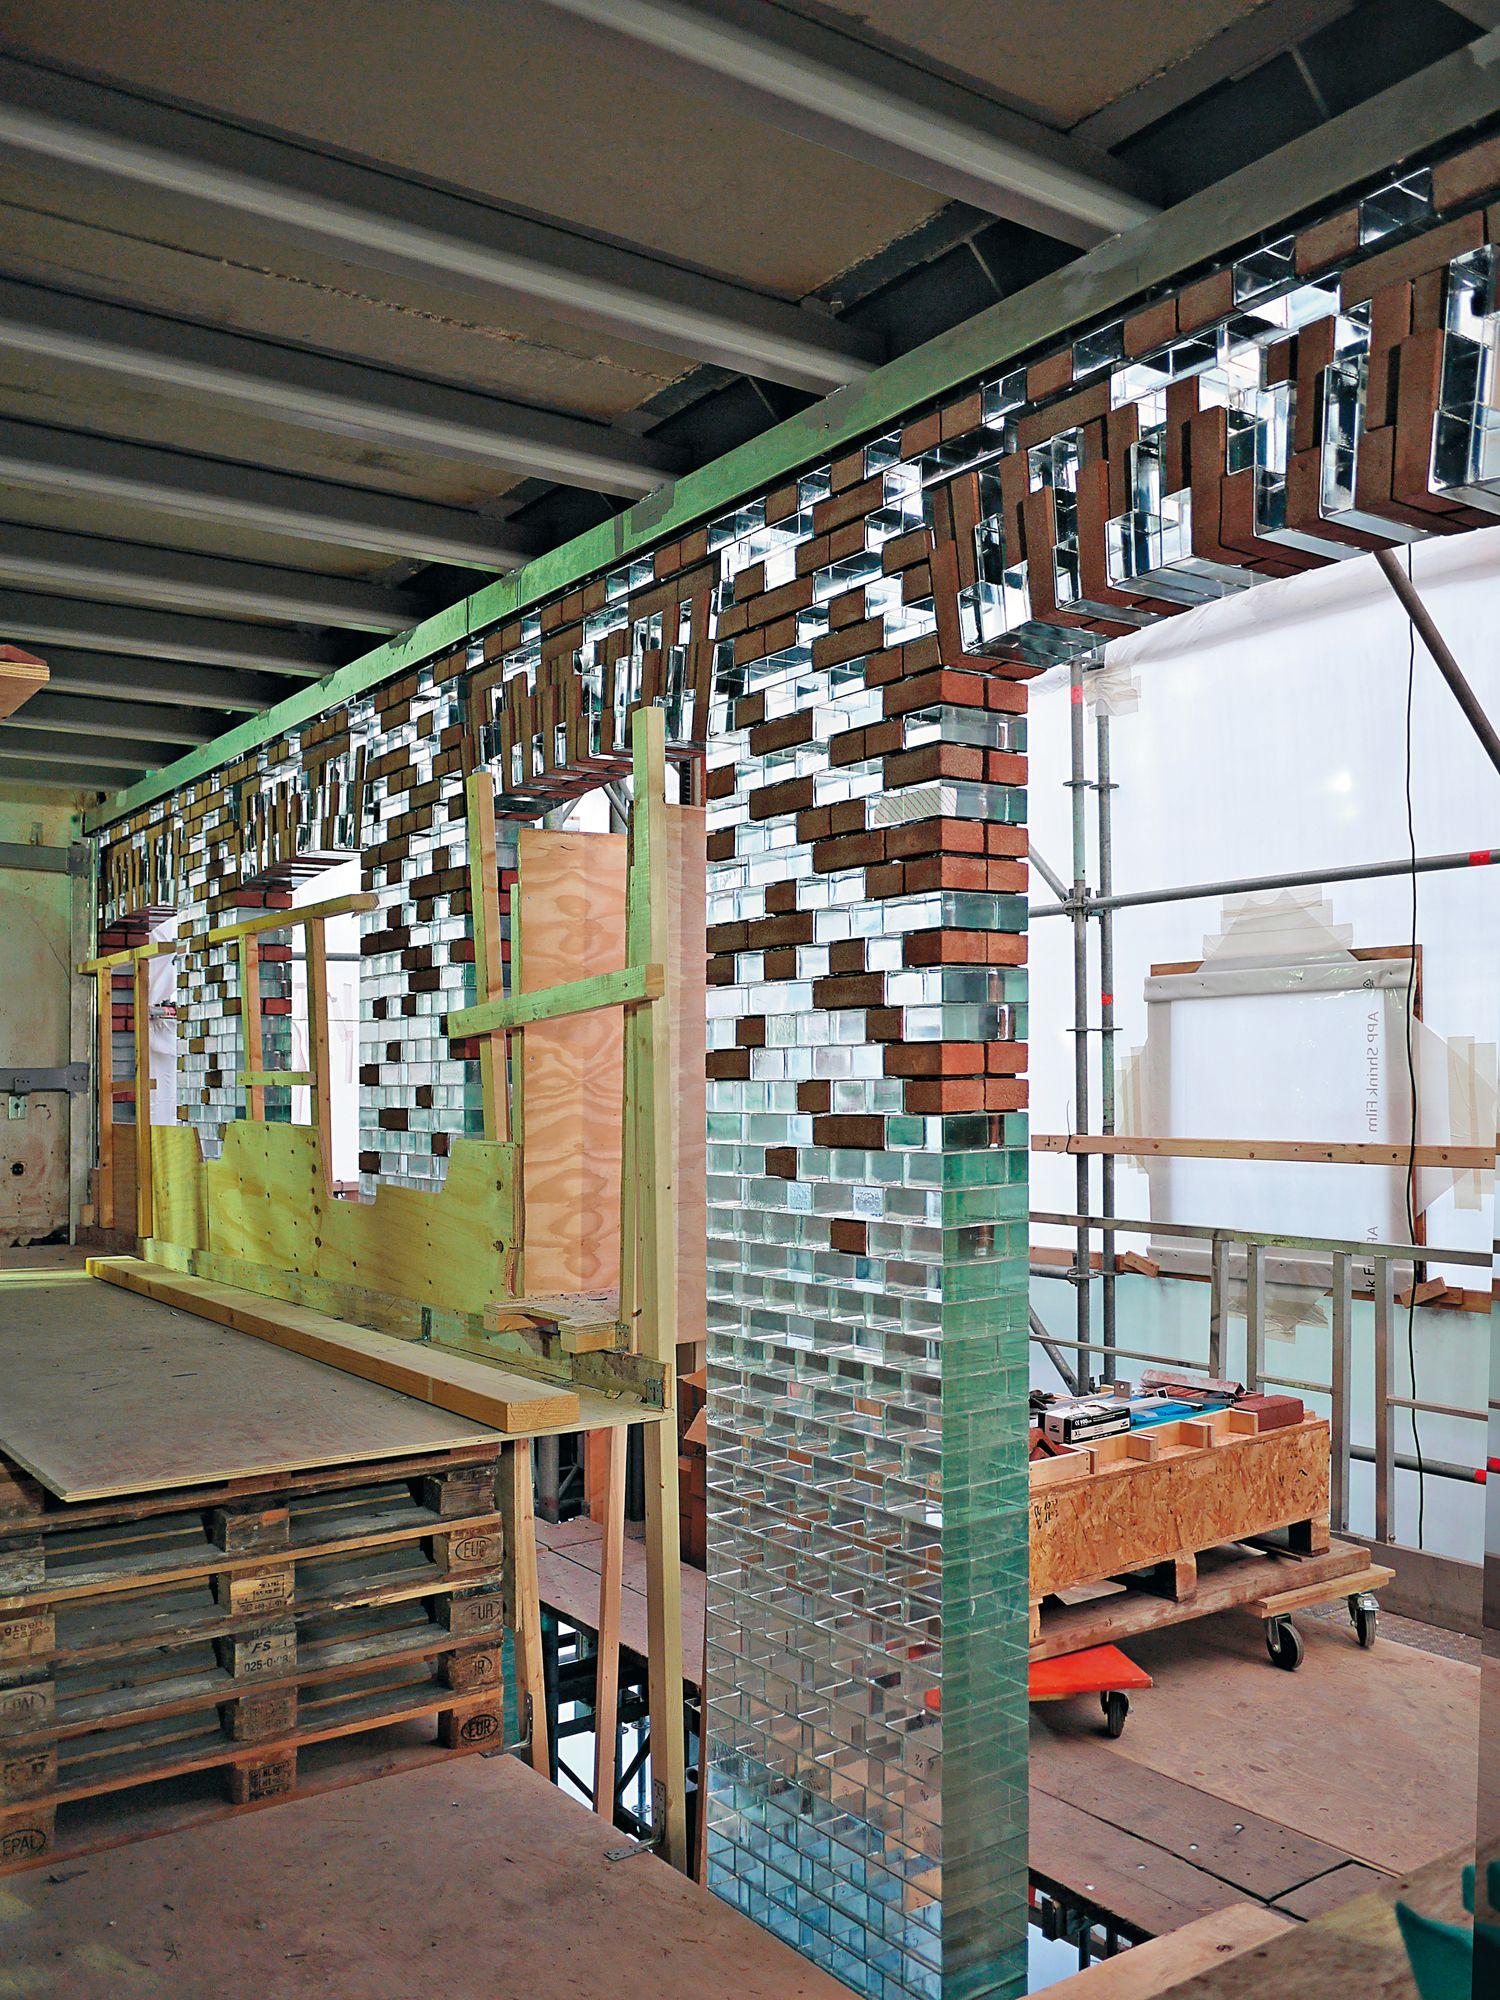 Brick Museum Facade